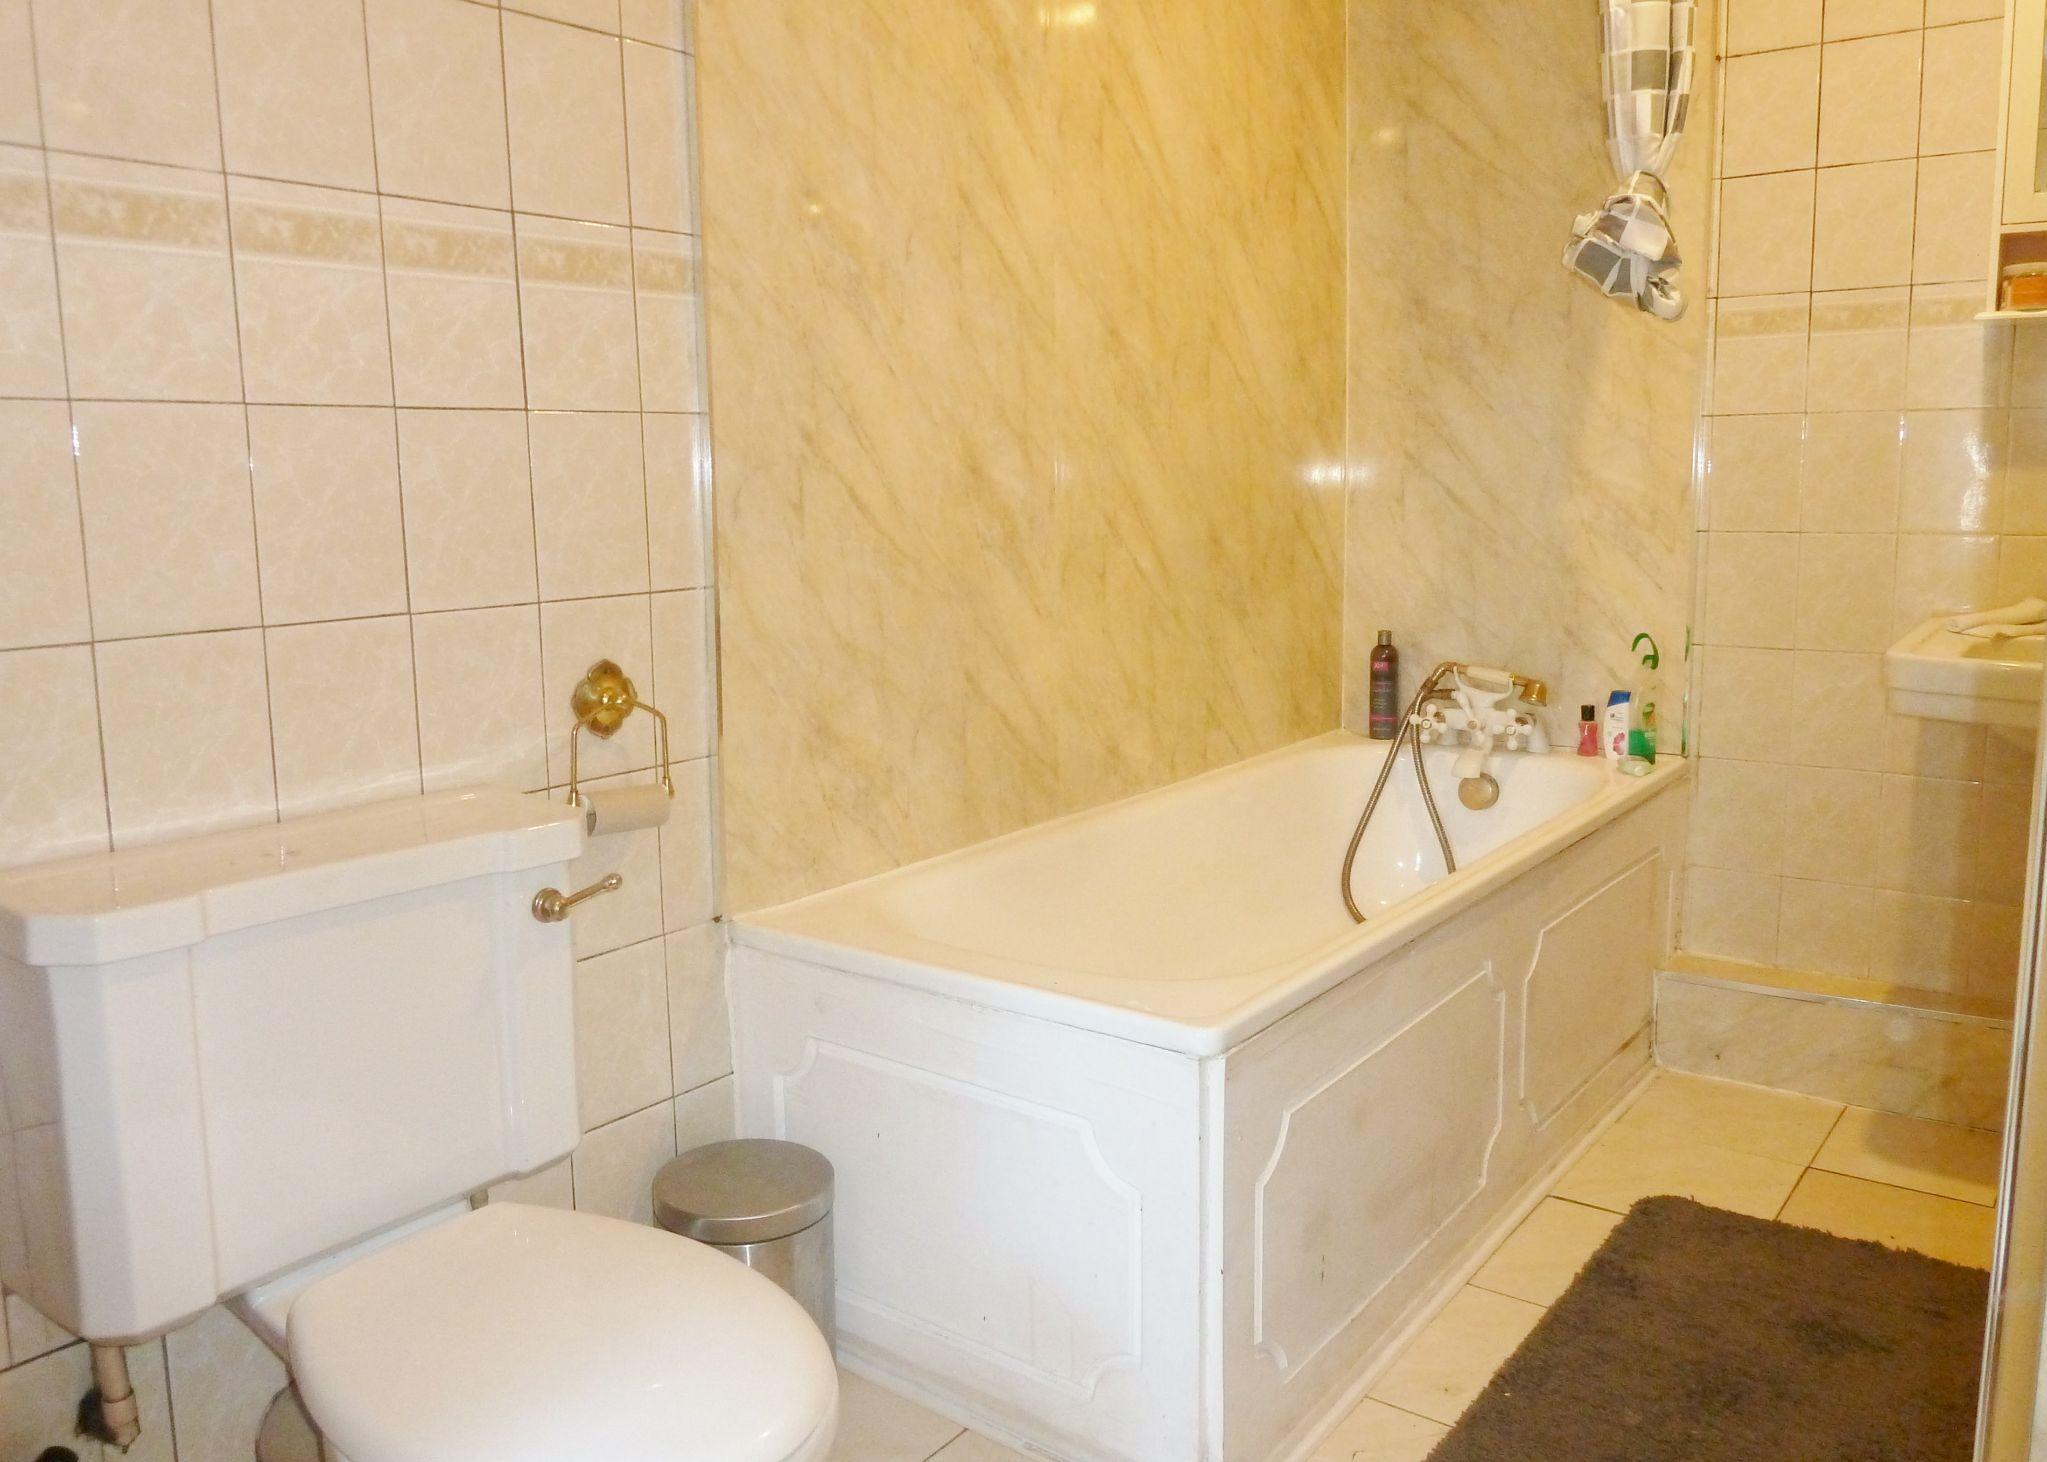 1 bedroom studio flat/apartment To Let in Willesden Green - 3 Piece Bathroom Suite